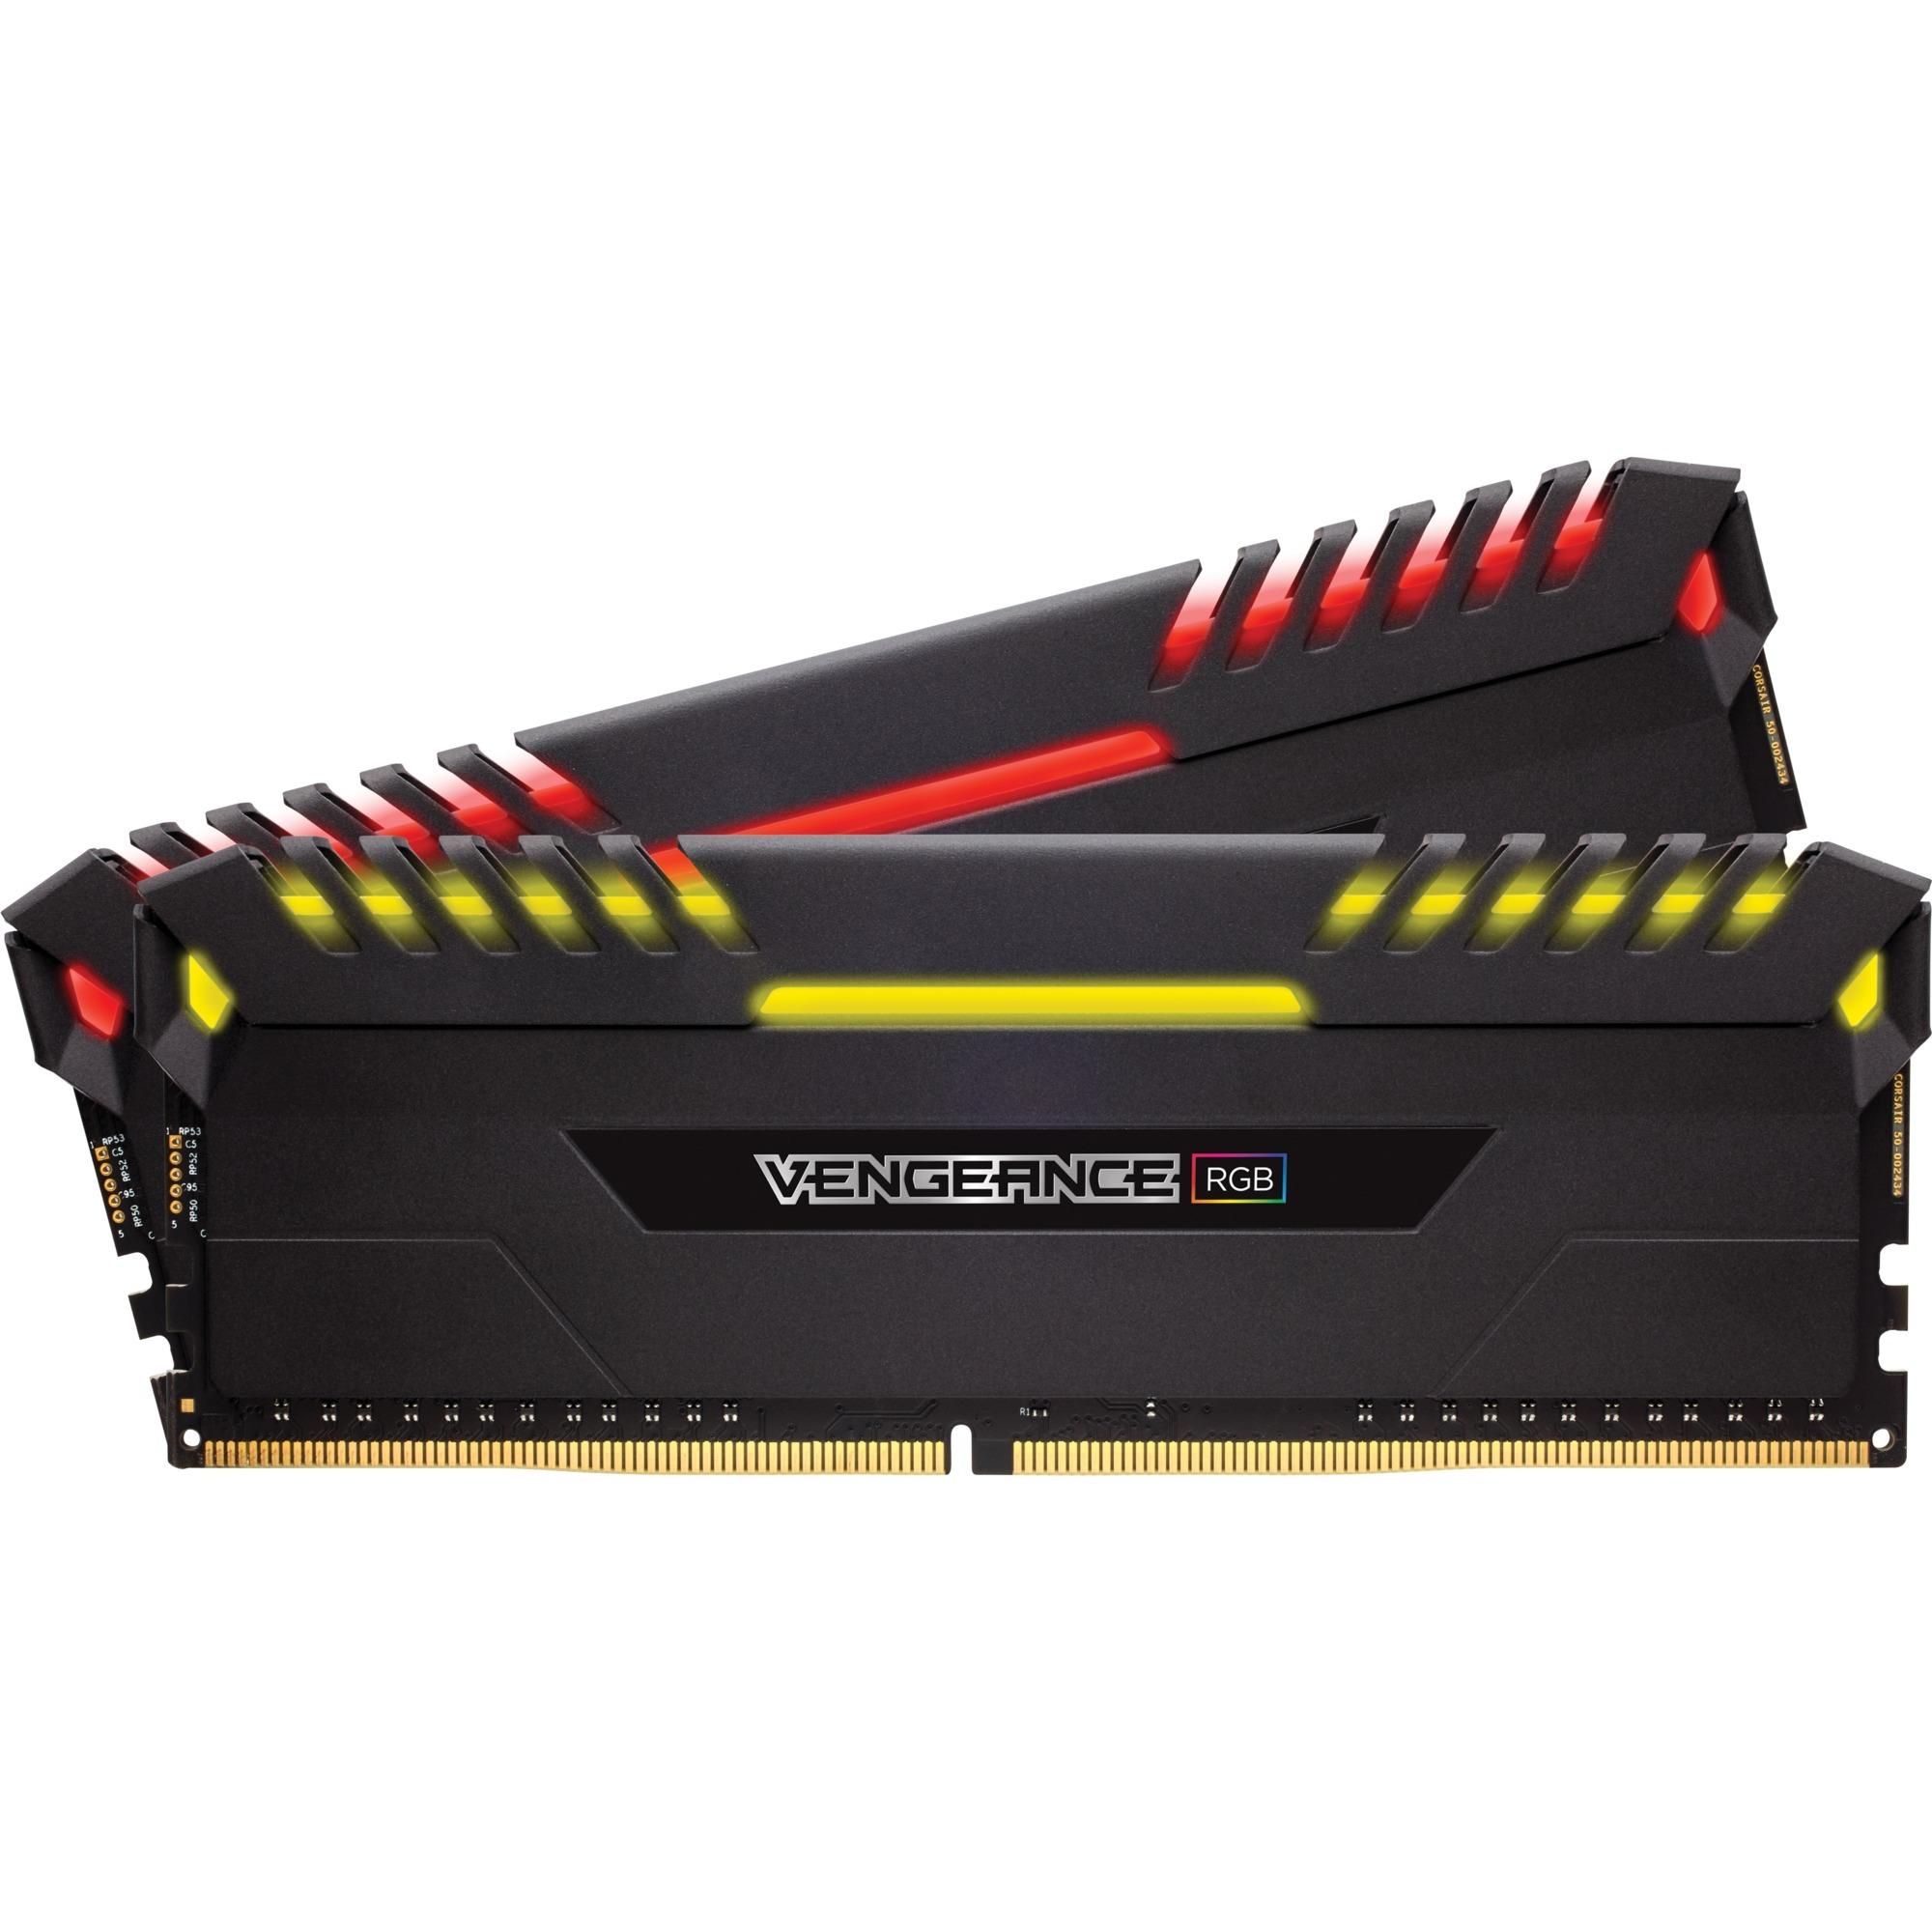 Vengeance 32 GB, DDR4, 3333 MHz 32Go DDR4 3333MHz module de mémoire